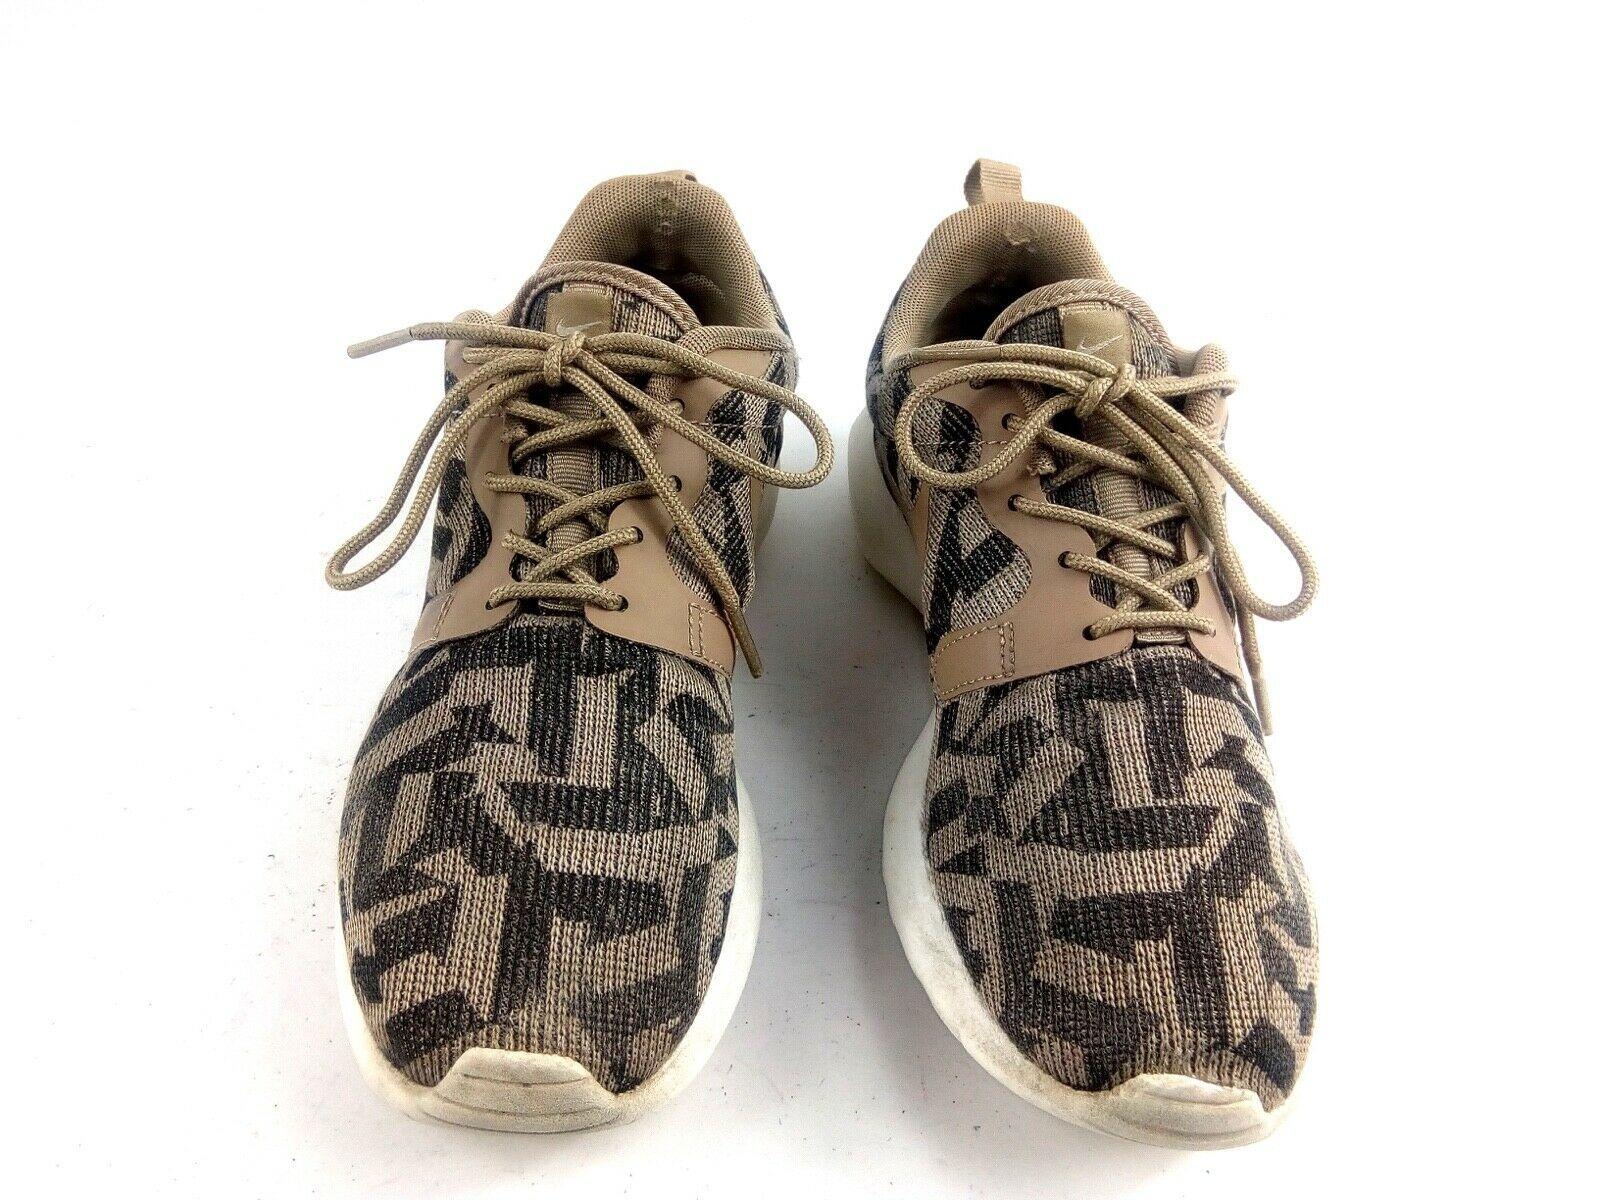 Nike Women's Sneakers 6.5 Roshe Run One Jacquard Beige Desert Camo 705217 200 image 3